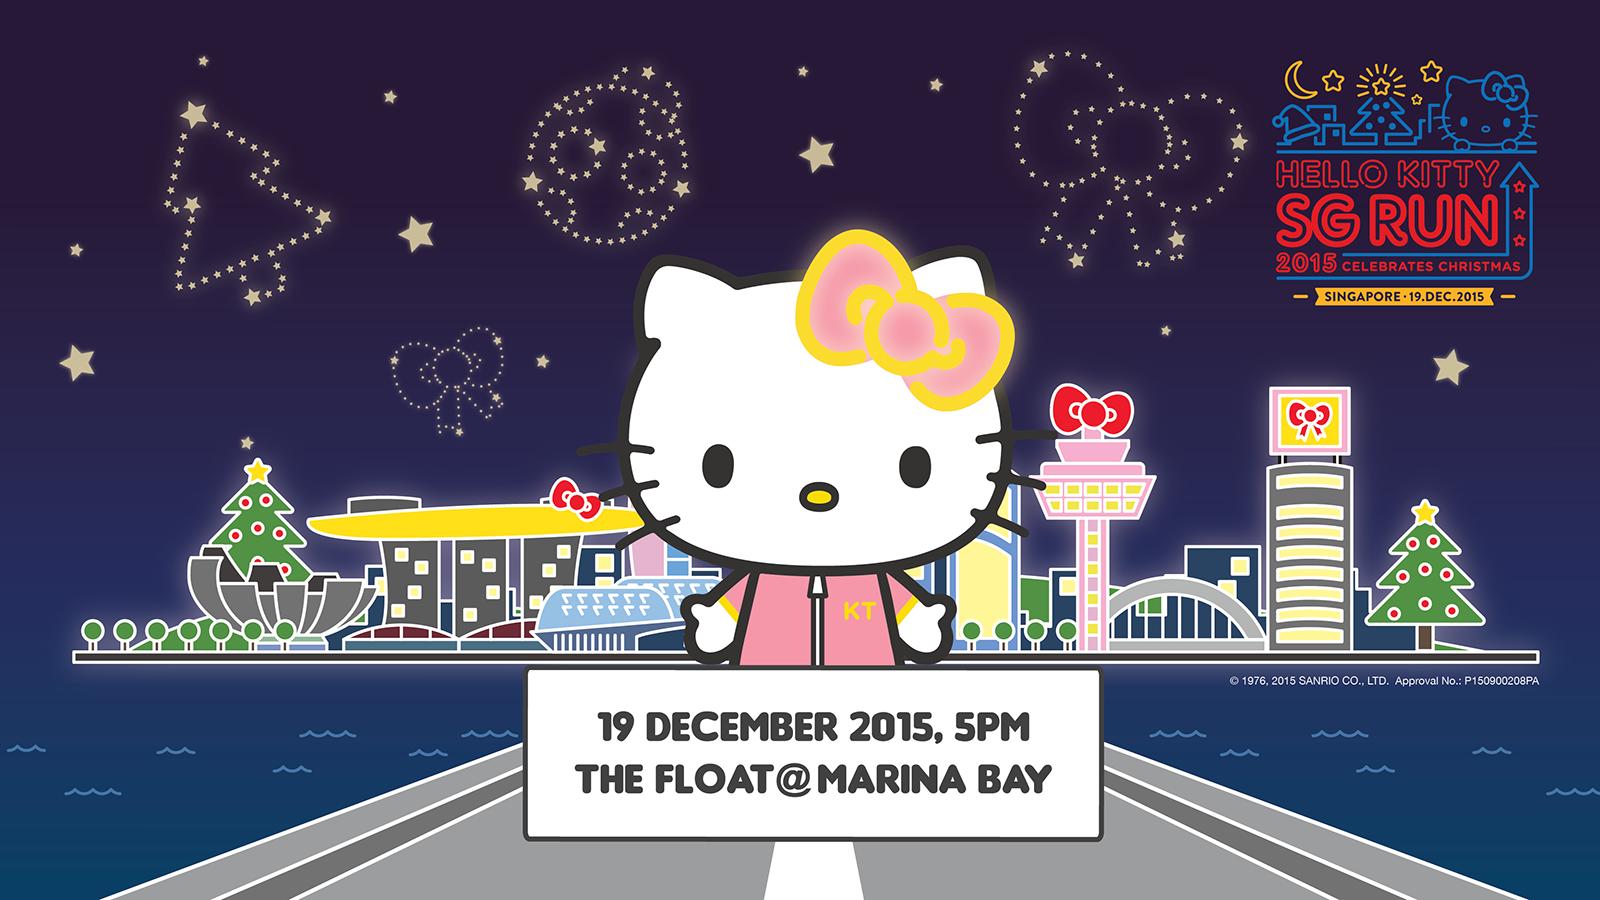 Hello Kitty Run 2015 Singapore Marina Bay